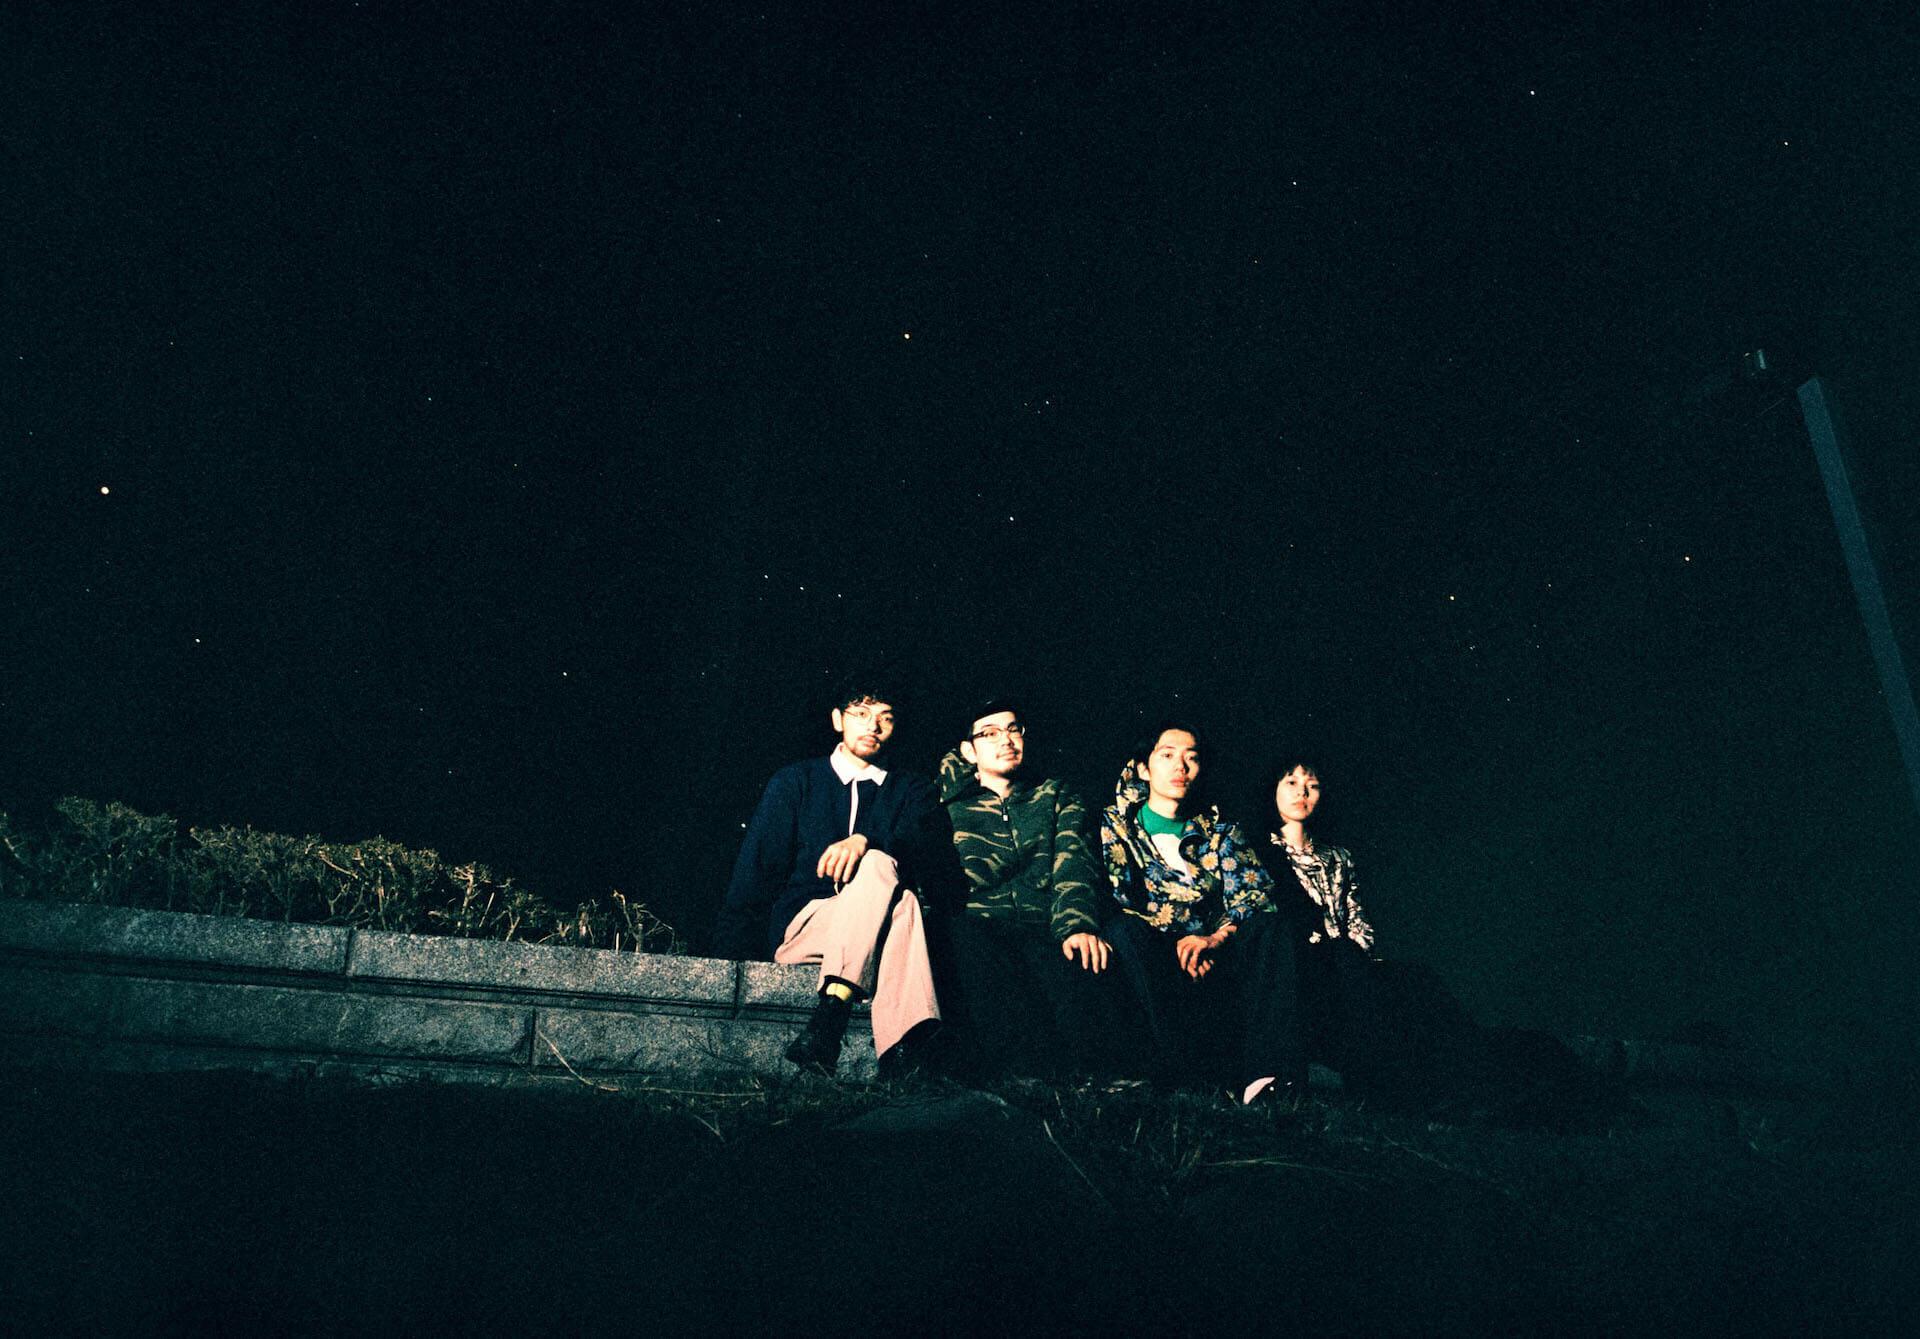 MONO NO AWAREのニューアルバム『行列のできる方舟』のアートワーク&詳細が発表!特典DVDのティザー映像も解禁 music210419_mononoaware_1